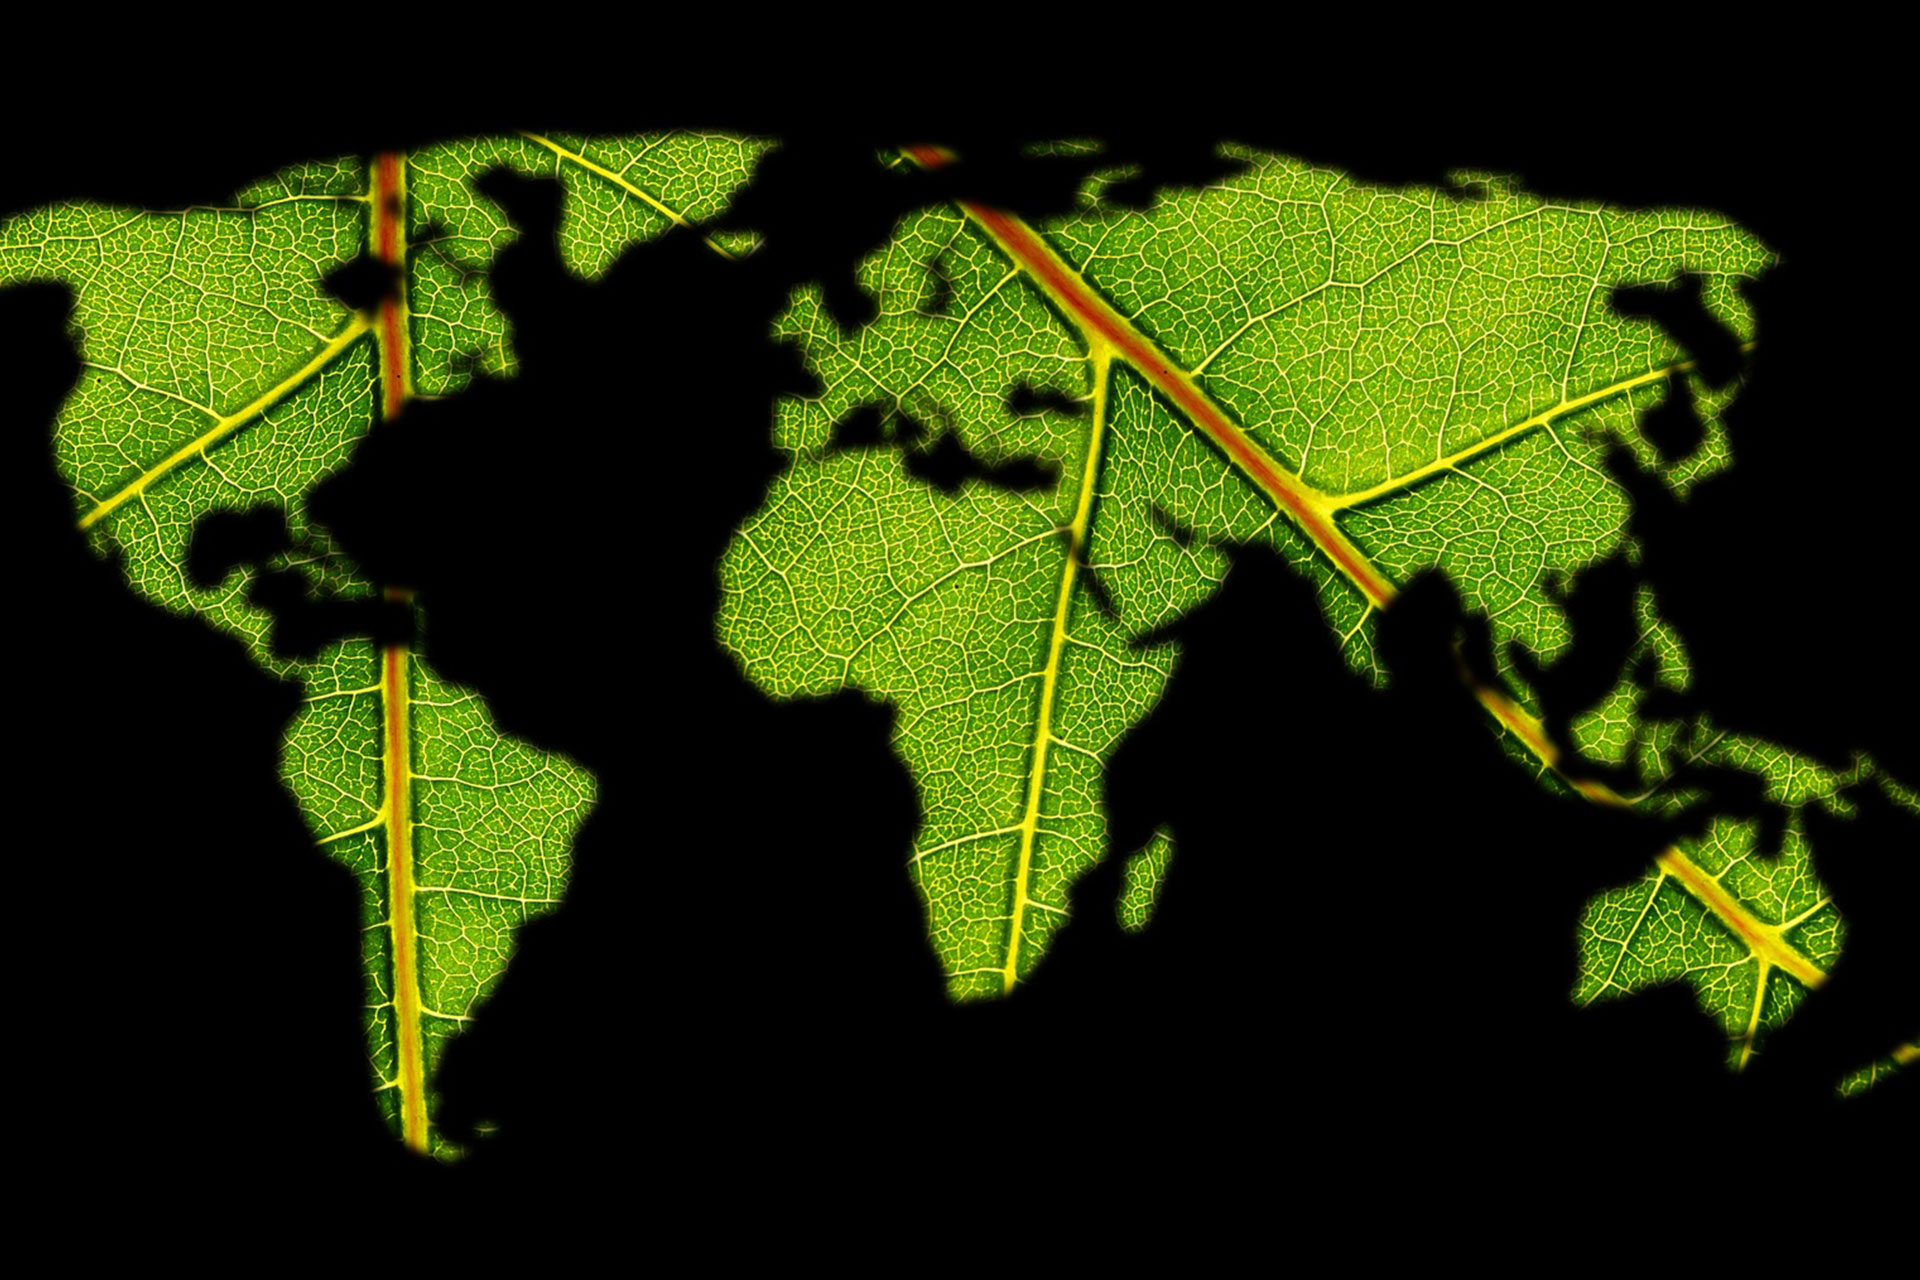 I casi Coop e Apot come Unilever e P&G verso una filiera produttiva e distributiva sostenibile